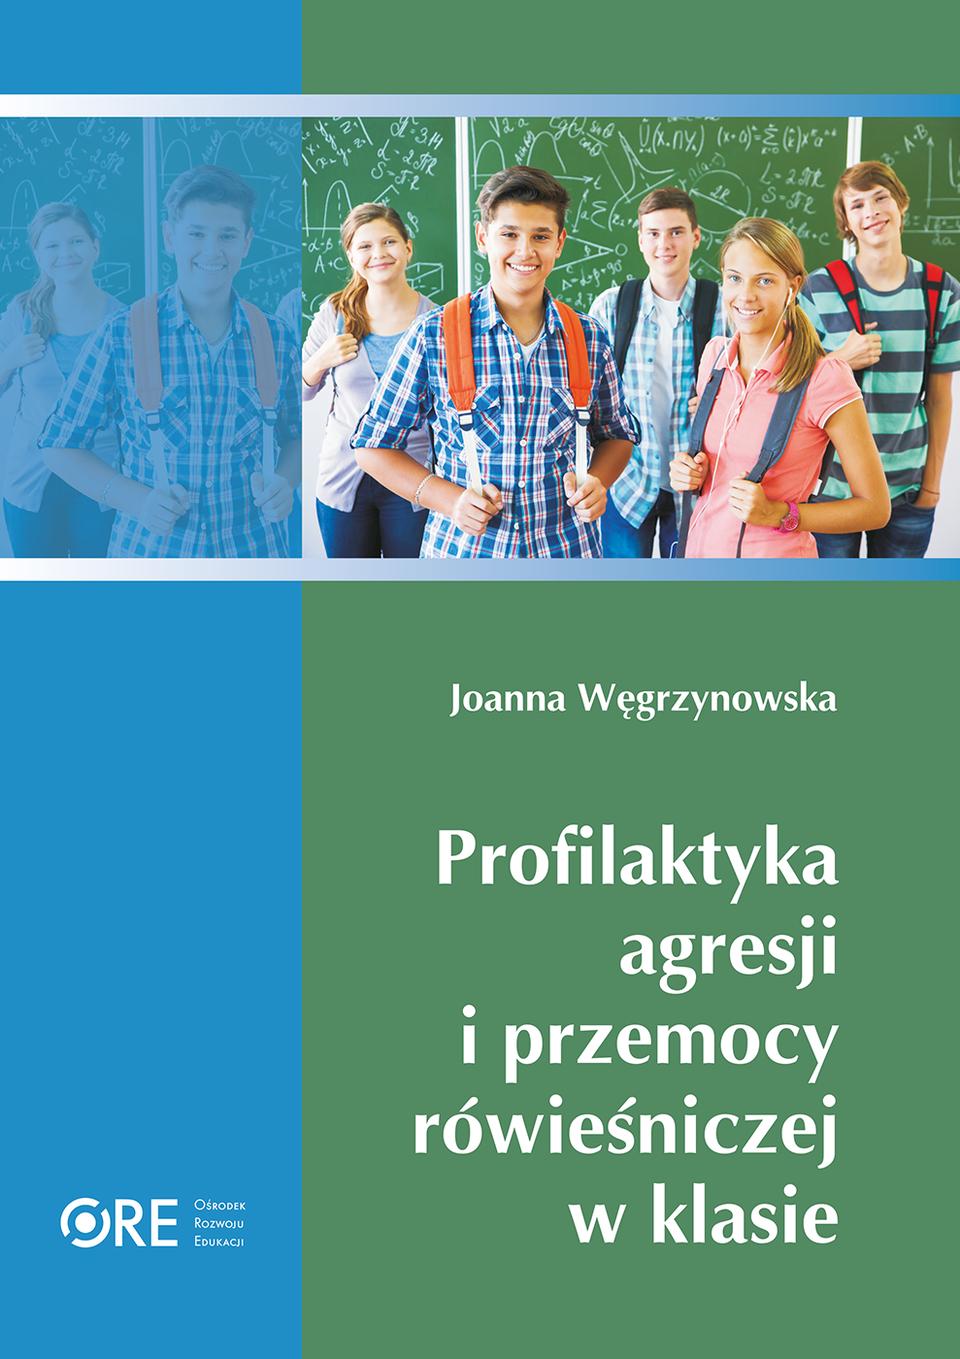 Pobierz plik: J. Wegrzynowska Profilaktyka-agresji-i-przemocy-rowiesniczej Wychowanie i Profilaktyka.pdf